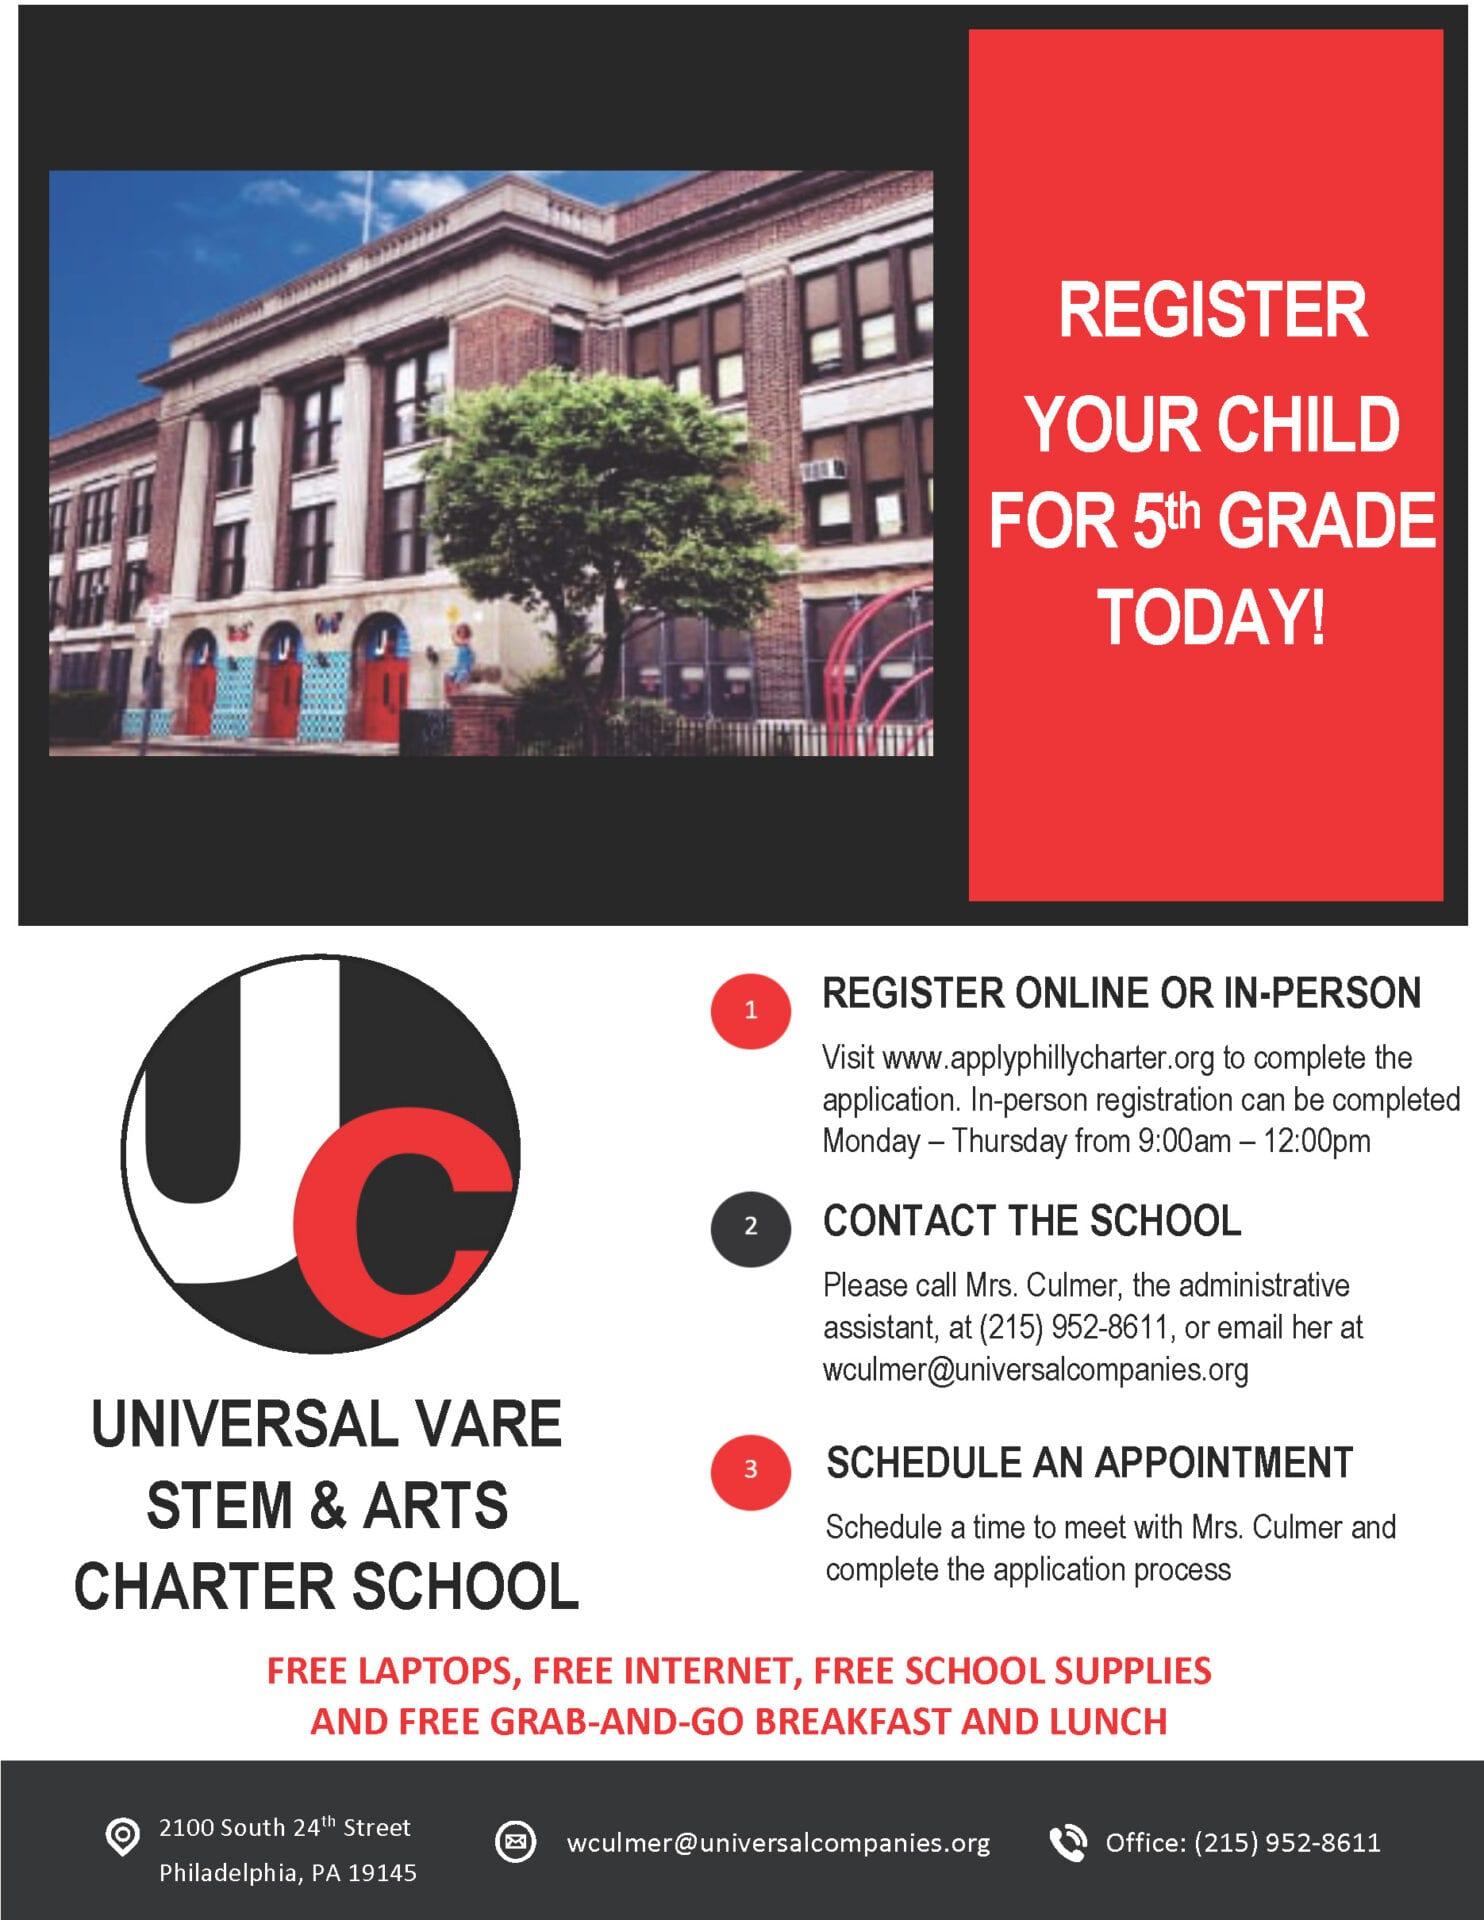 5th Grade Registration Flyer Vare